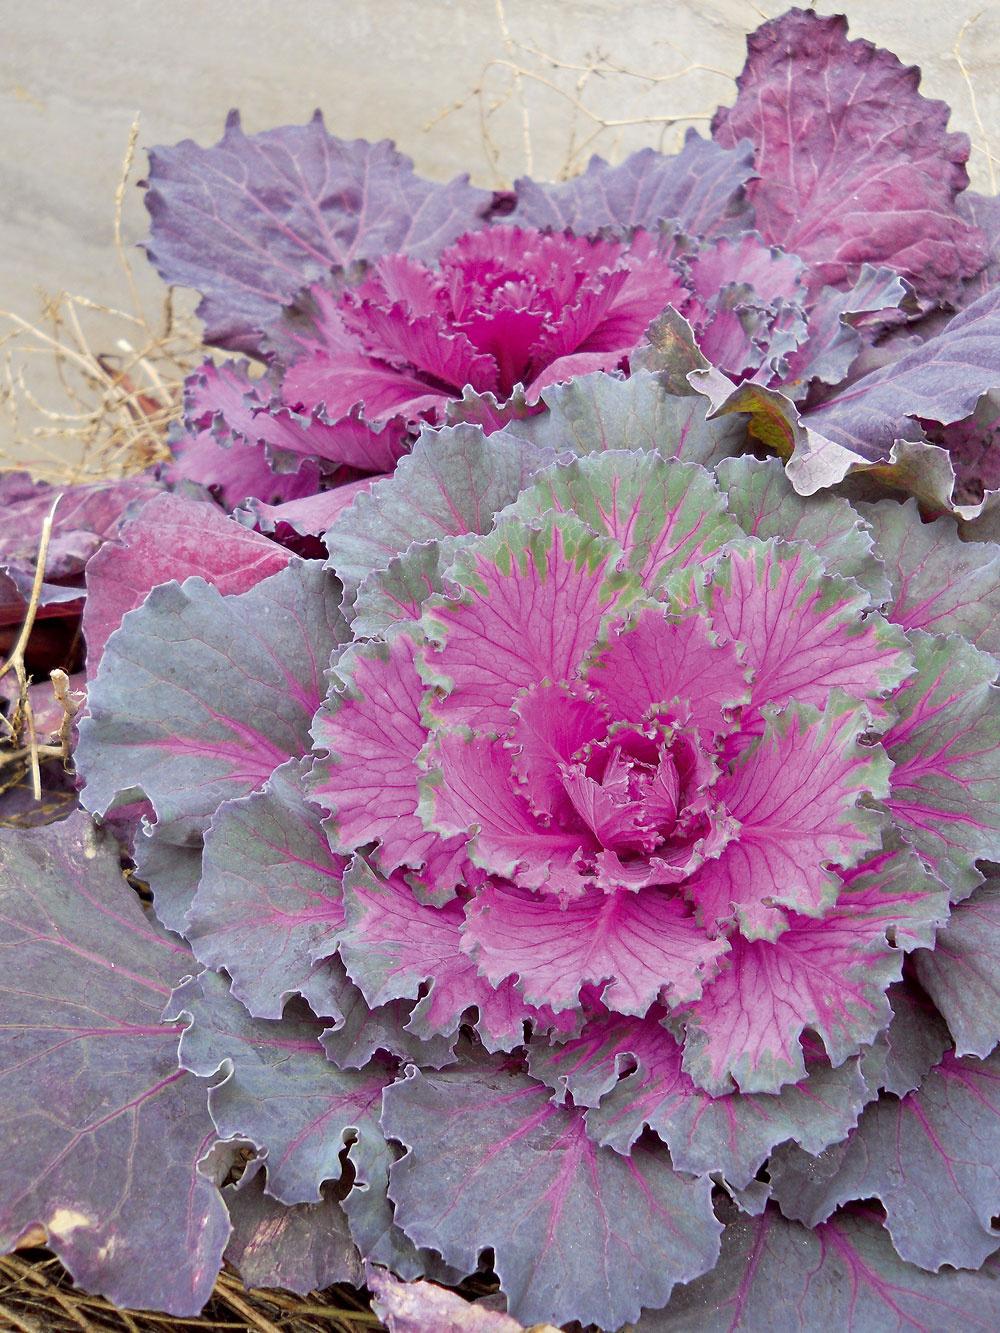 Chlad zvýrazní ich krásu   Otom, že kapusta nemusí byť len vsude alebo vtrojkombinácii spečeným bôčikom aknedľou, vás presvedčia okrasné kapusty. Ide otypické jesenné rastliny, ktoré sú pestovateľsky nenáročné, vizuálne príťažlivé aich krása pretrváva až do začiatku zimy. Priam okúzľujúco pôsobia jedince sružovo sfarbenými askučeravenými listami. Okrasná kapusta potrebuje mierne vlhký substrát; ak má sucho, jej listy žltnú aopadávajú. Je veľmi pôsobivá vstarých košíkoch aspolu schryzantémami. Vďaka jesennému chladu bude ešte farebnejšia.